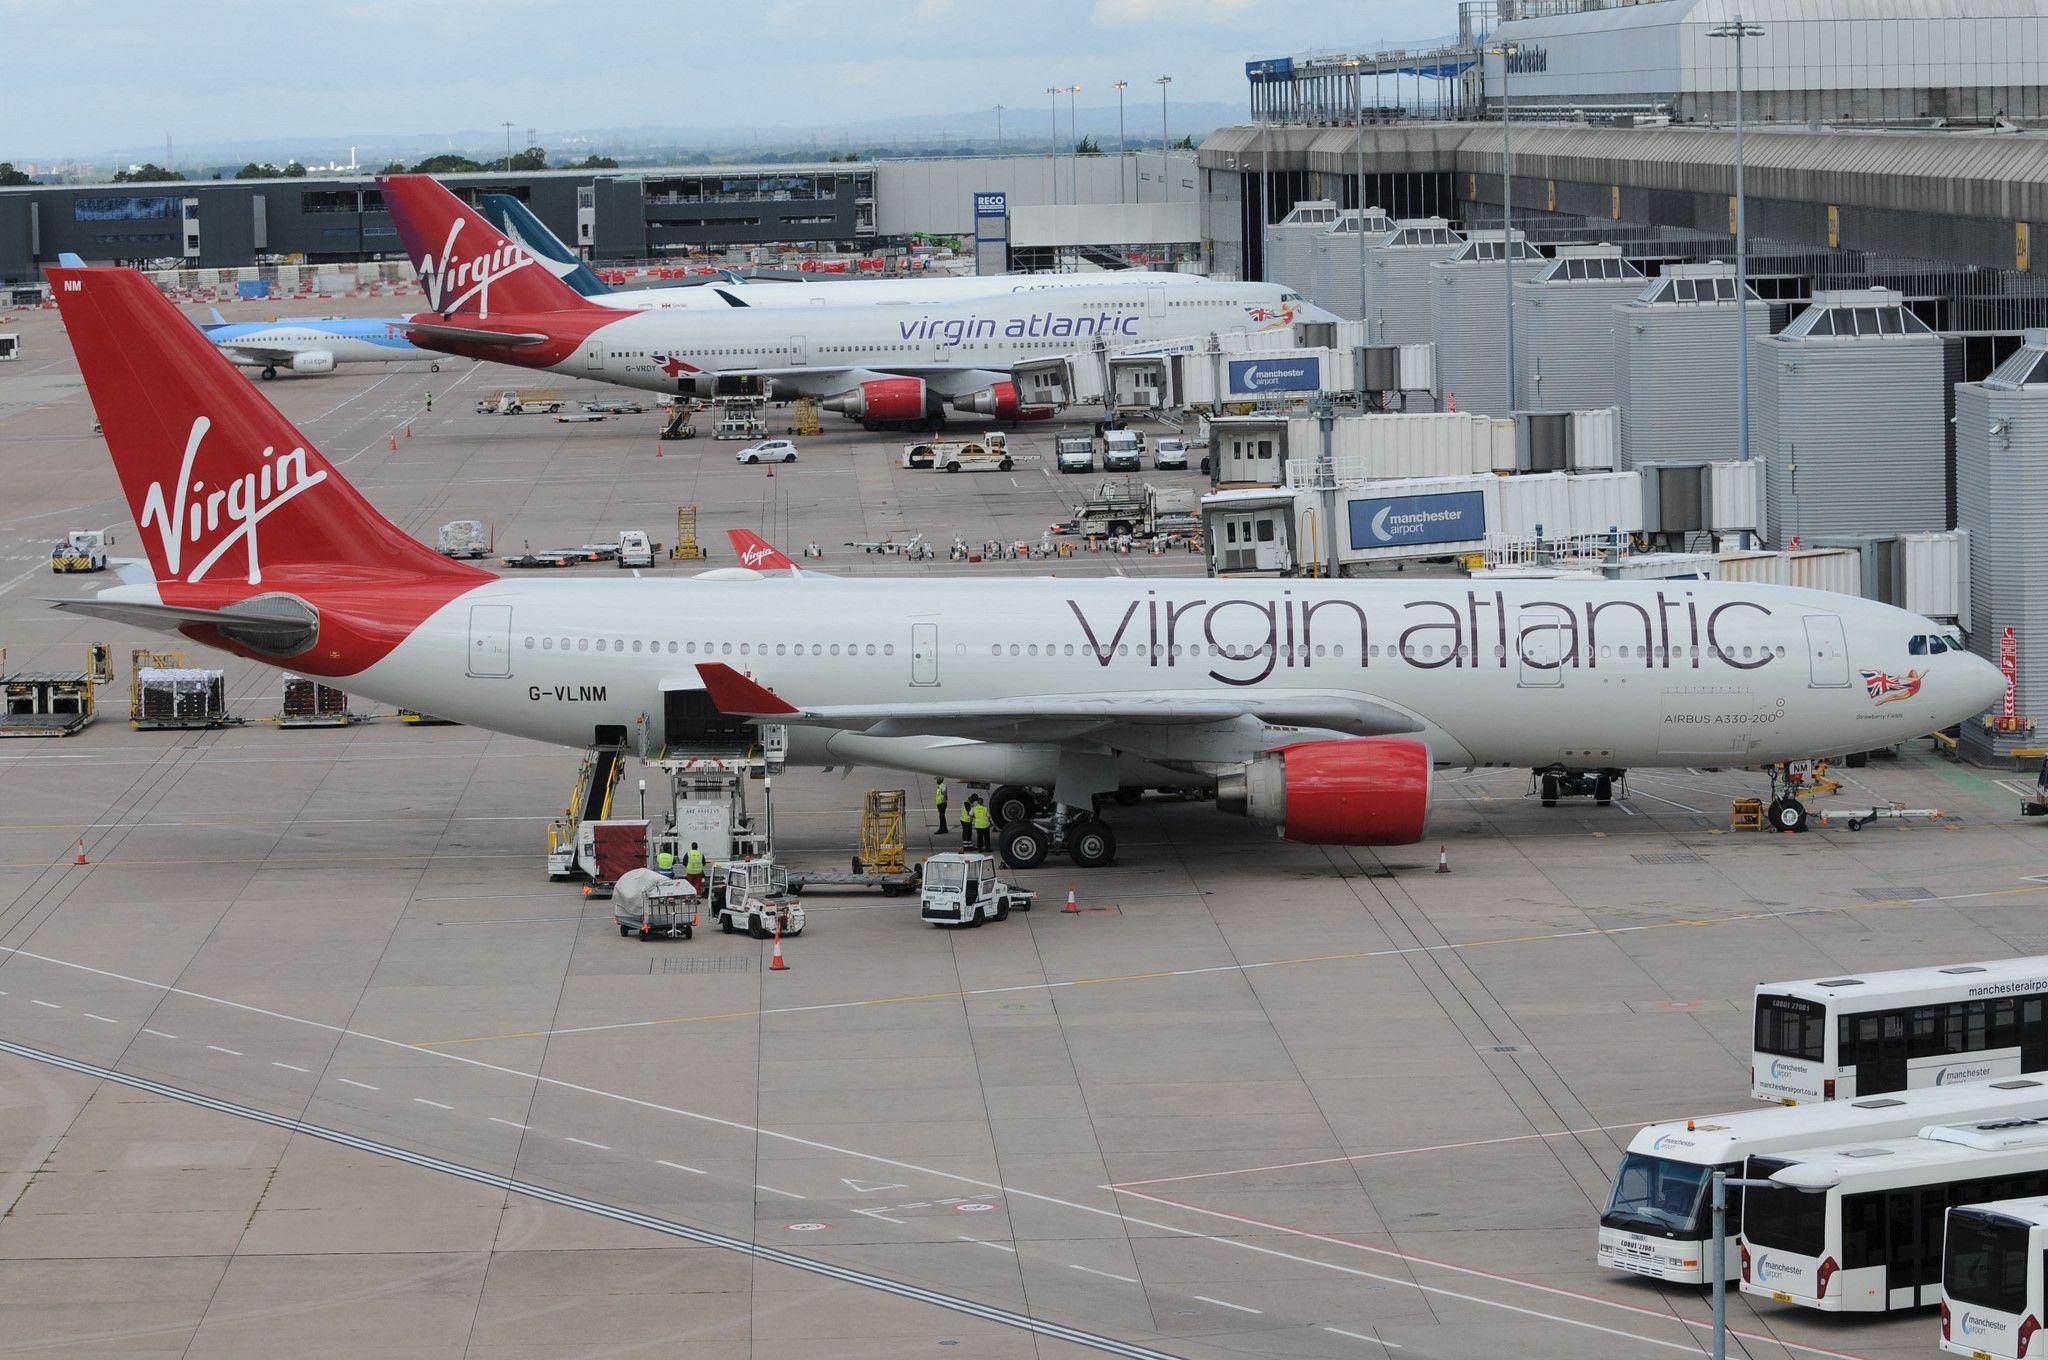 Resultado de imagen para virgin atlantic manchester